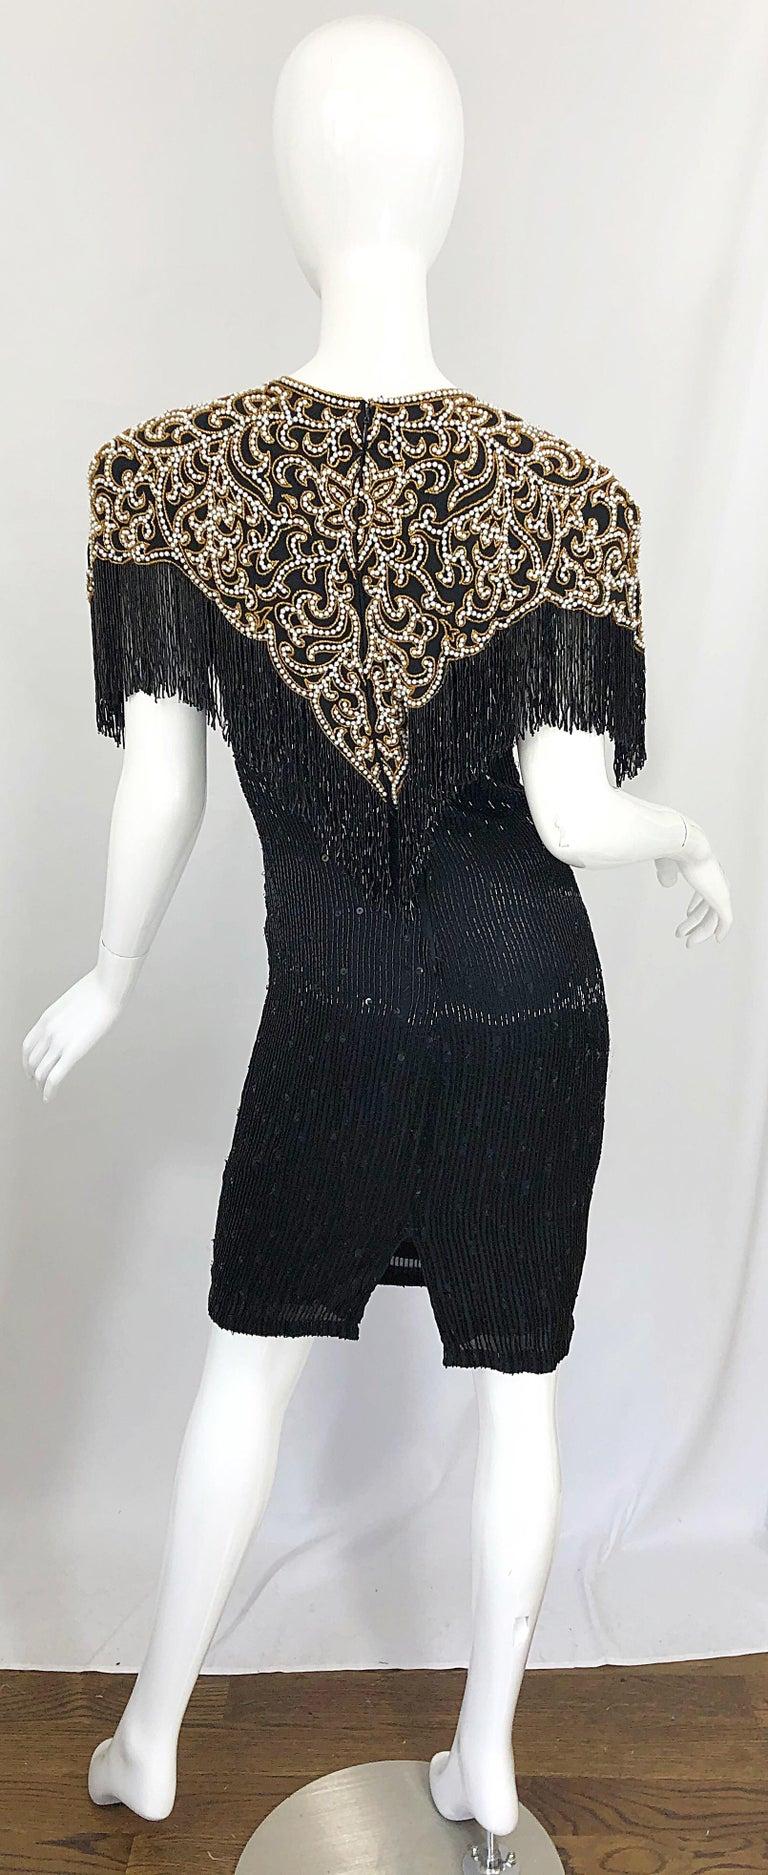 Vintage Naeem Khan Riazee Black Beaded + Pearl Encrusted Fringe Silk Dress For Sale 12